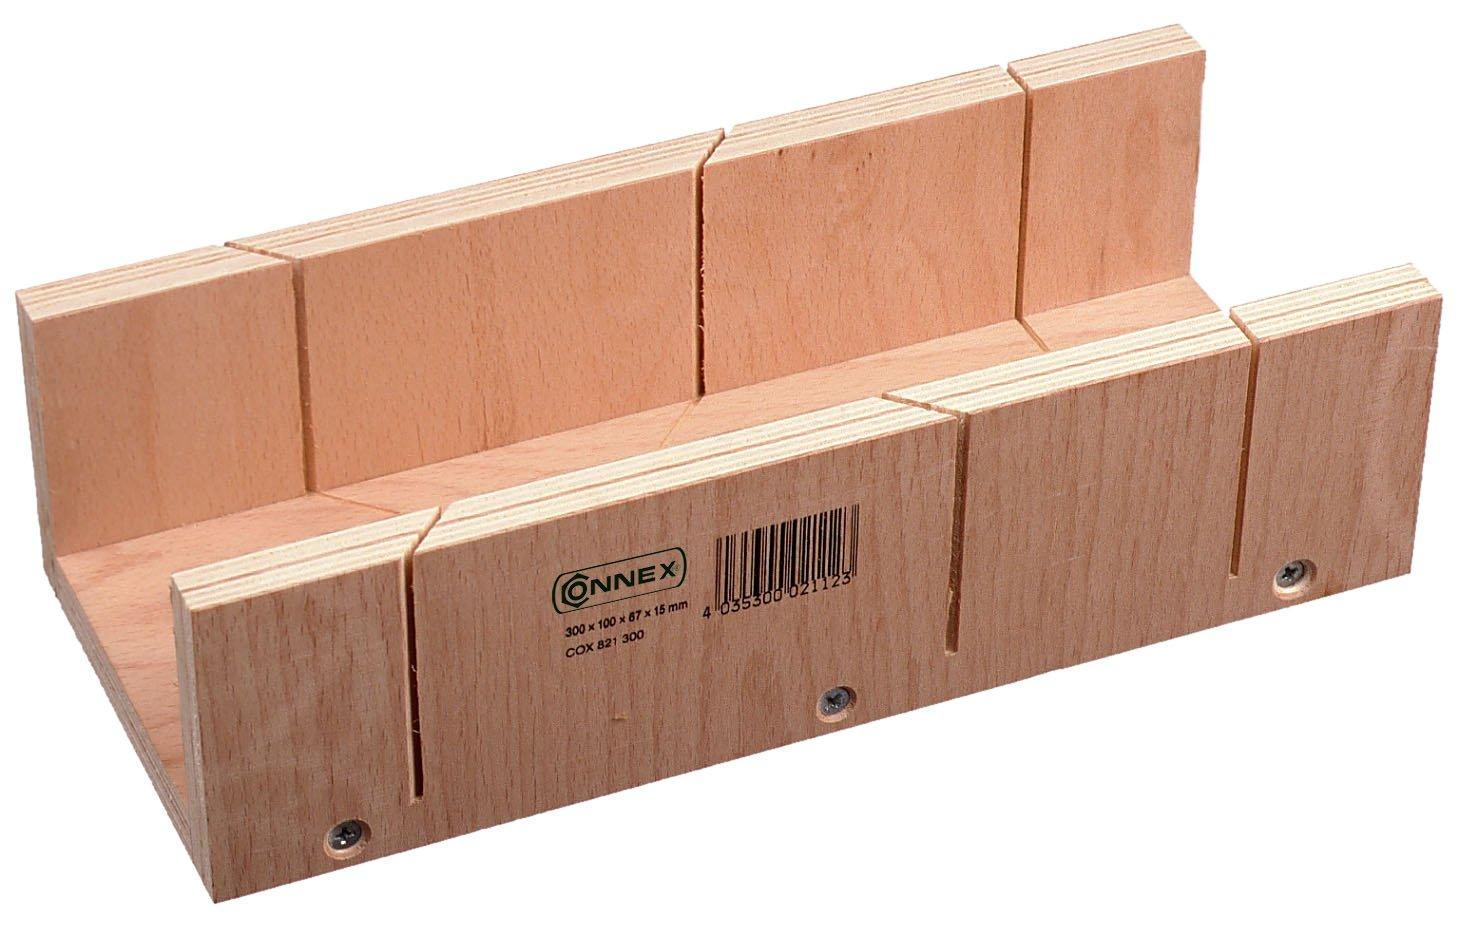 COX821240 Connex Cassetta tagliacornici in compensato 240 x 60 x 35 mm